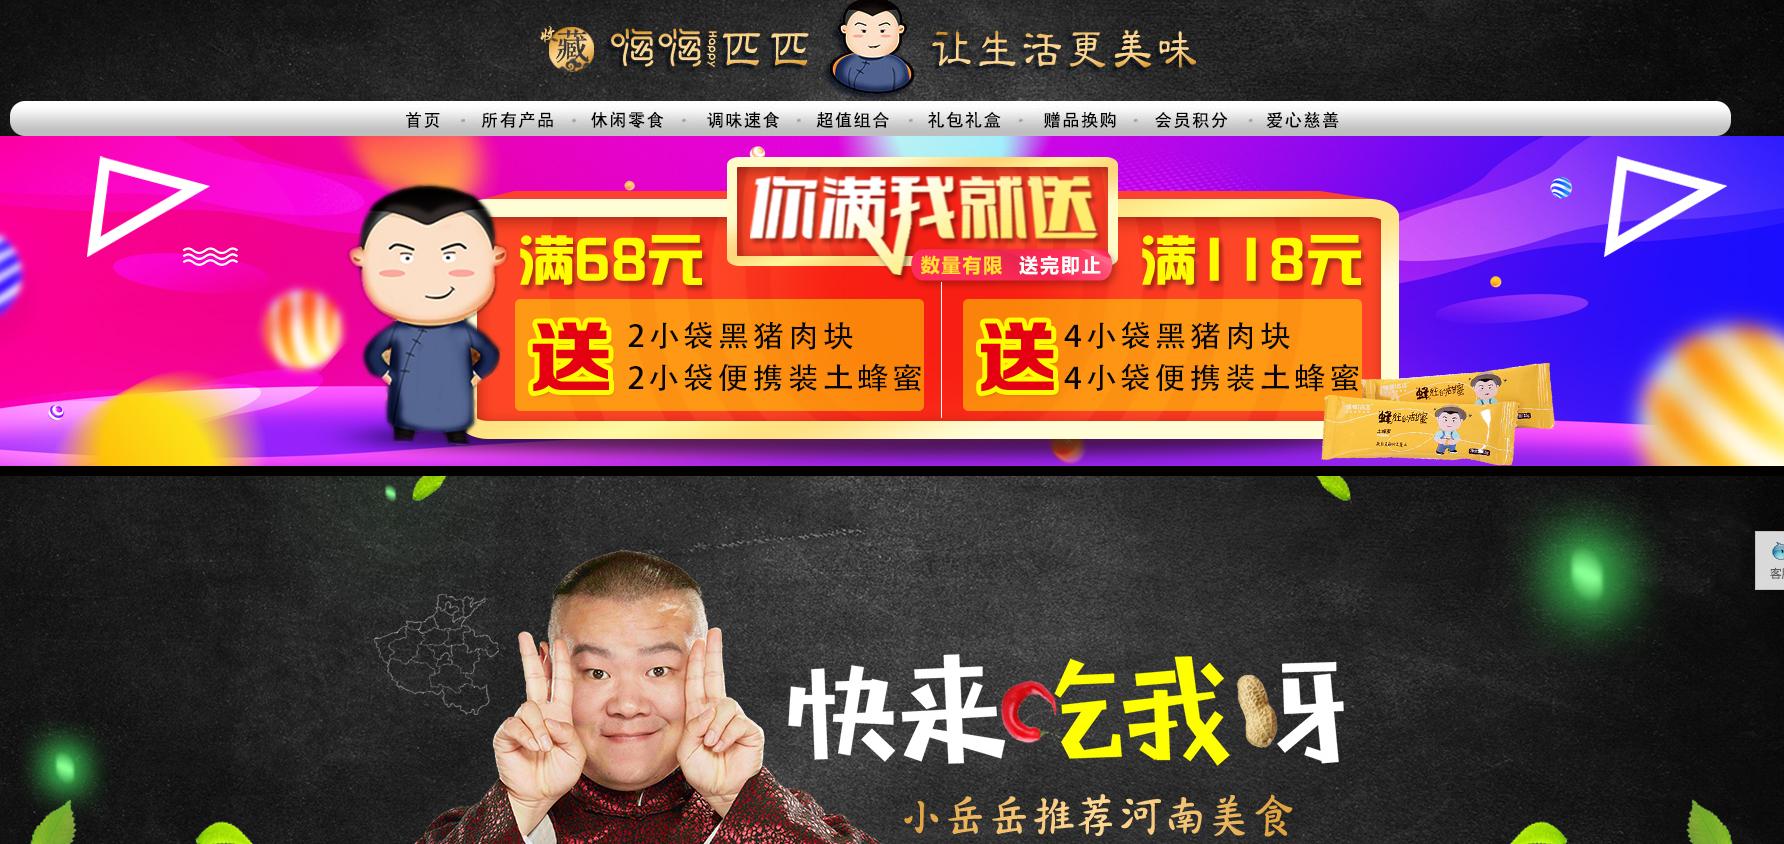 岳云鹏网店食品因菌落数超标上黑榜!